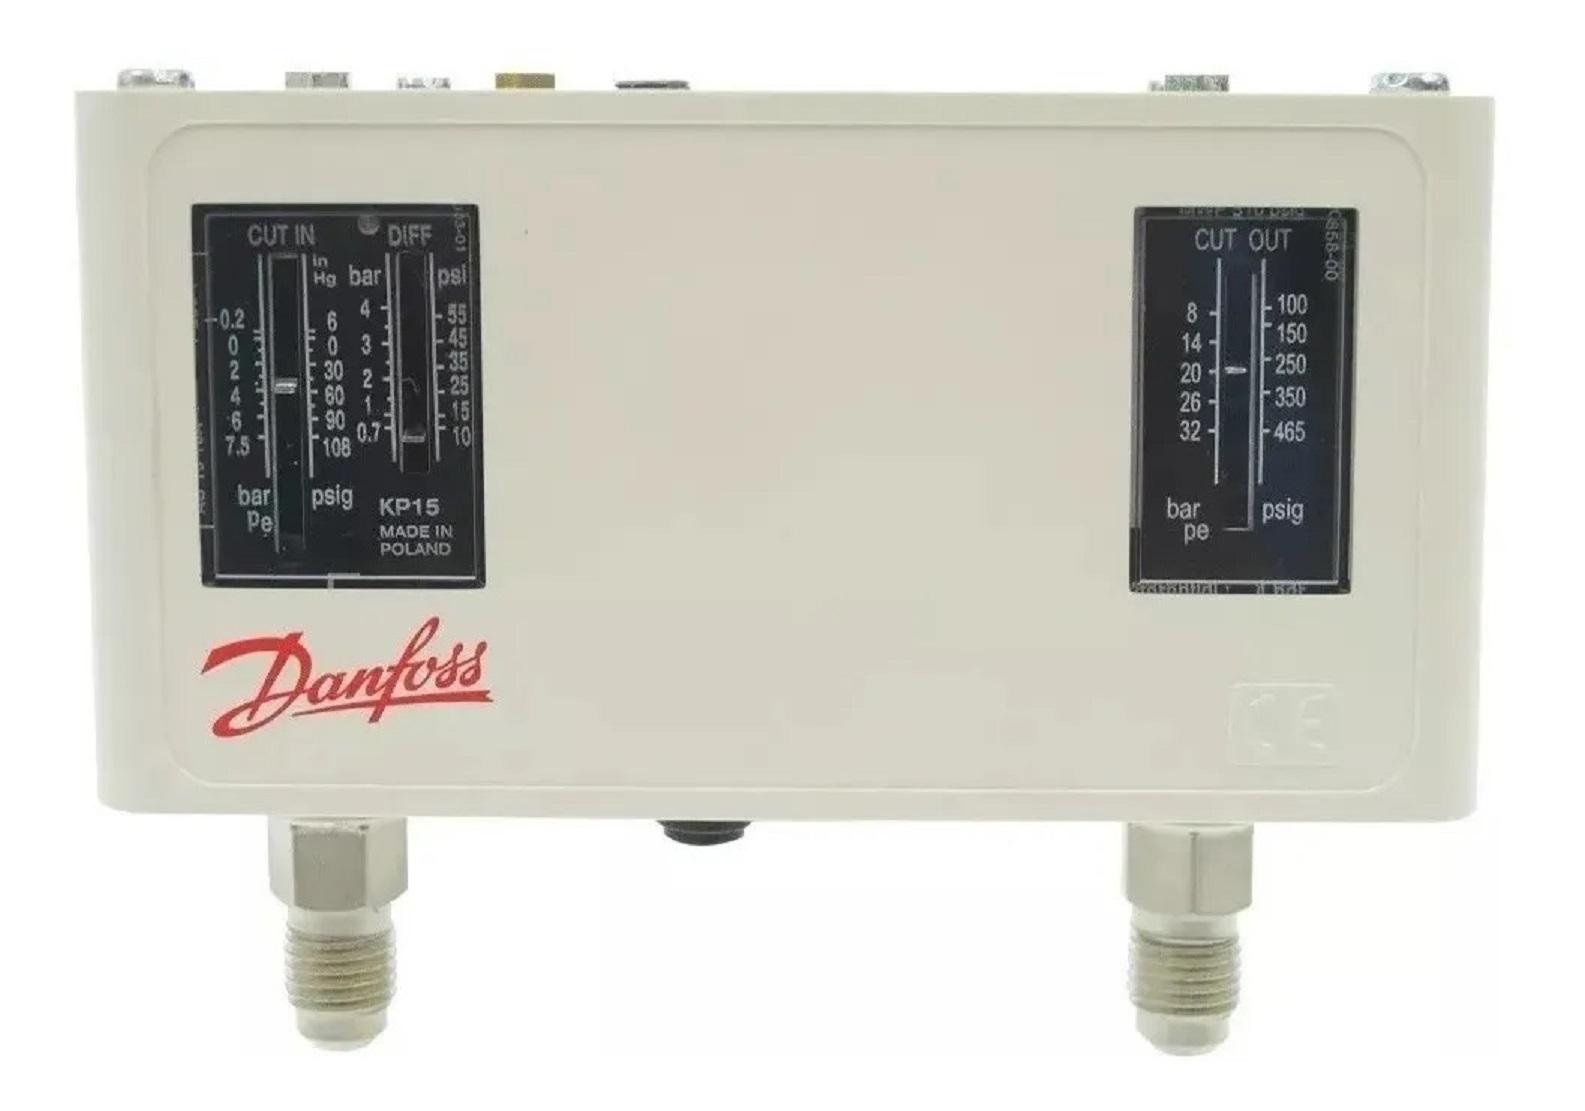 Pressostato De Alta Baixa Kp15 Automático Danfoss 060124191